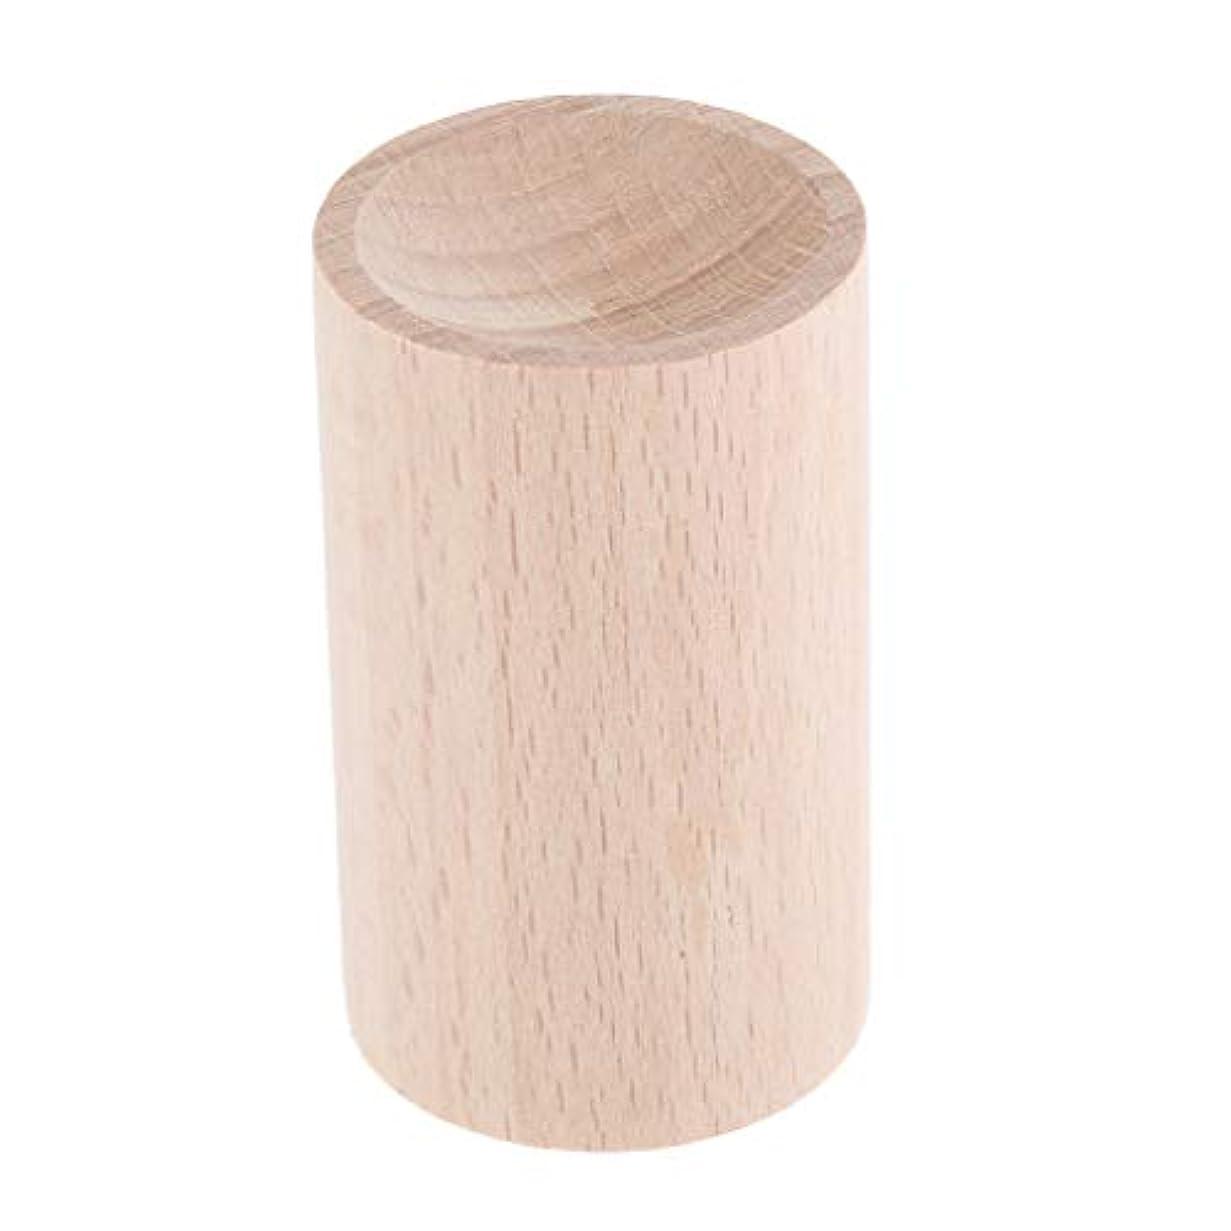 大佐デンプシー等しいsharprepublic 全2種類 アロマディフューザー 車 家庭用 天然木 エアフレッシュナー 香水 - 01